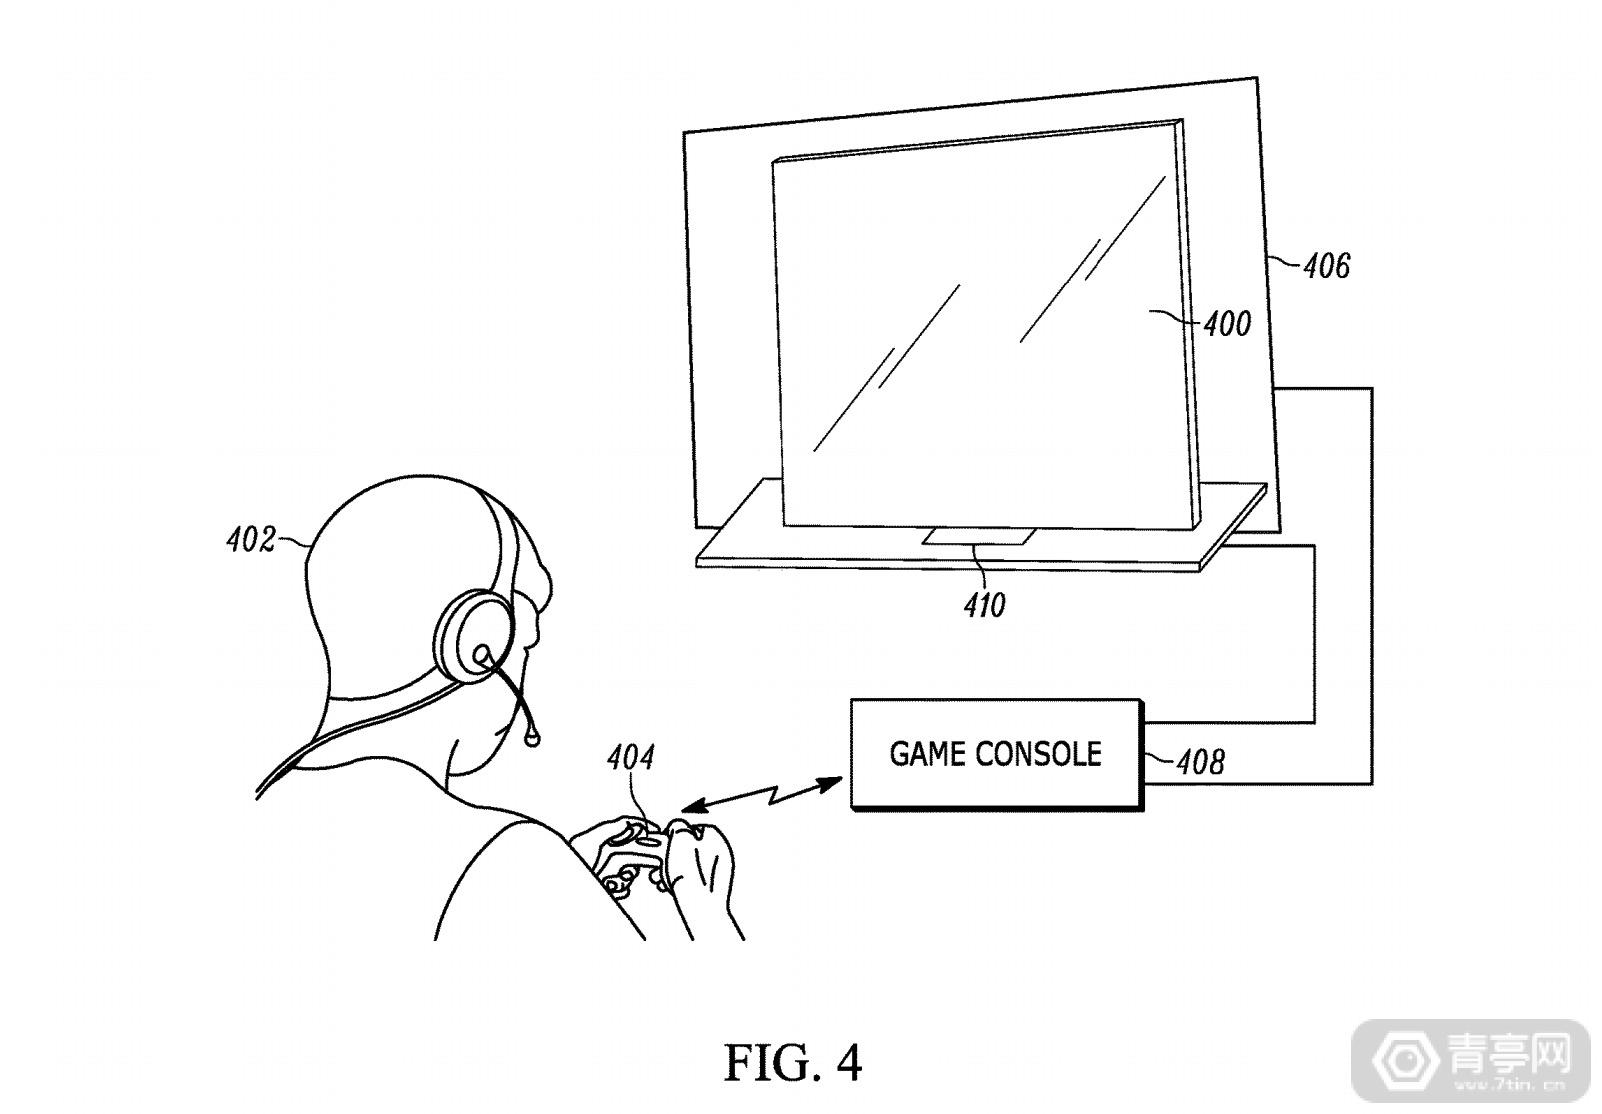 为解决游戏数据干扰视觉,索尼研发游戏机配套AR头显方案